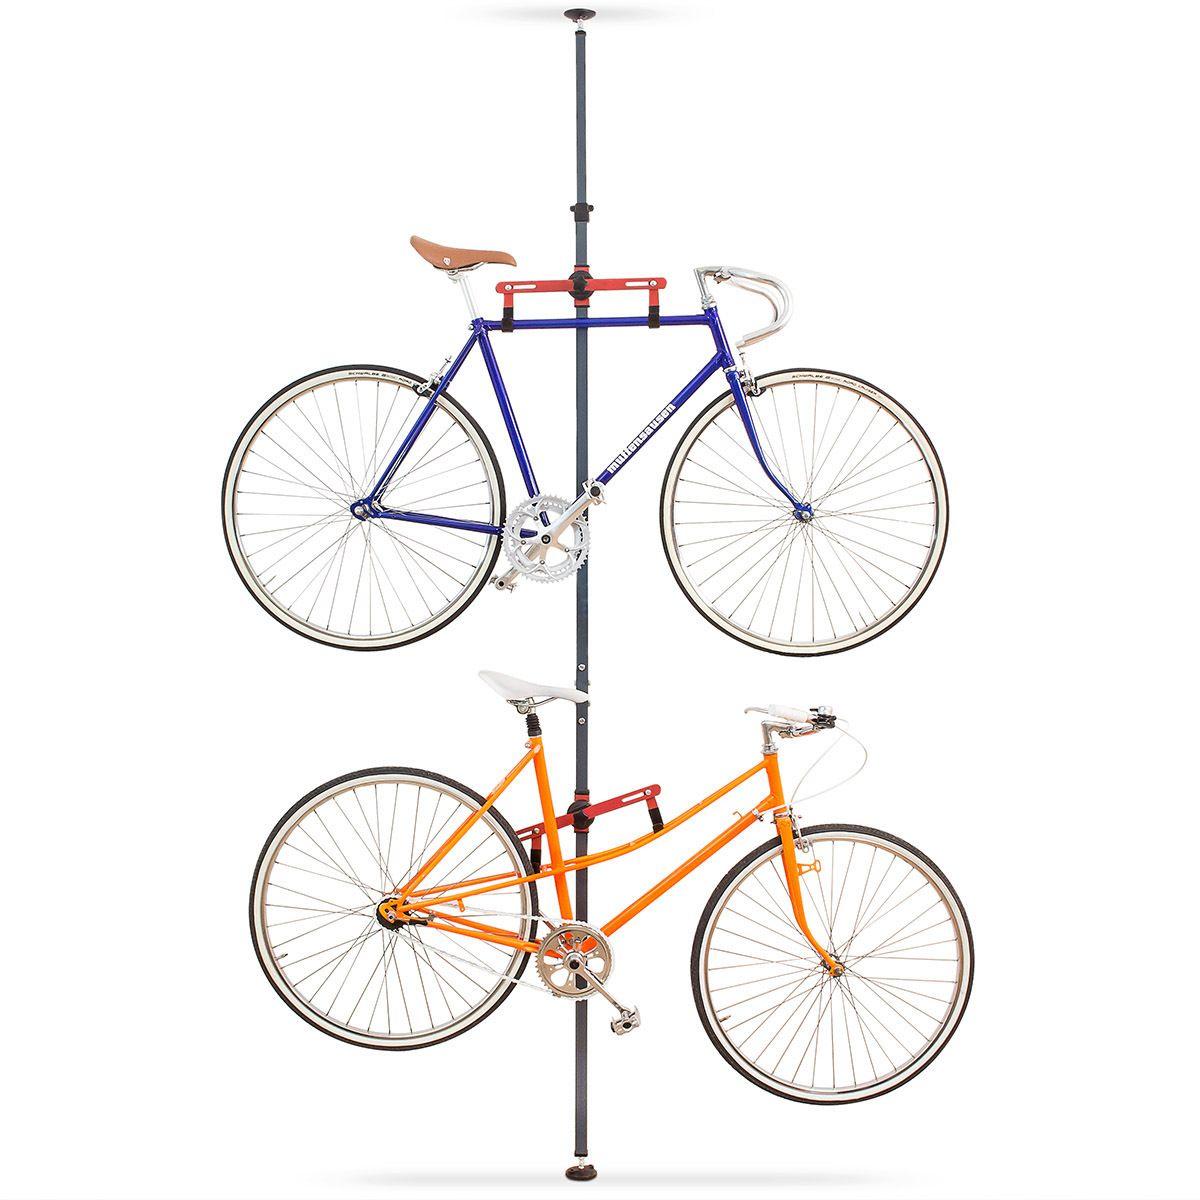 Fahrradhalterung für zwei Räder perfekt für die Garage